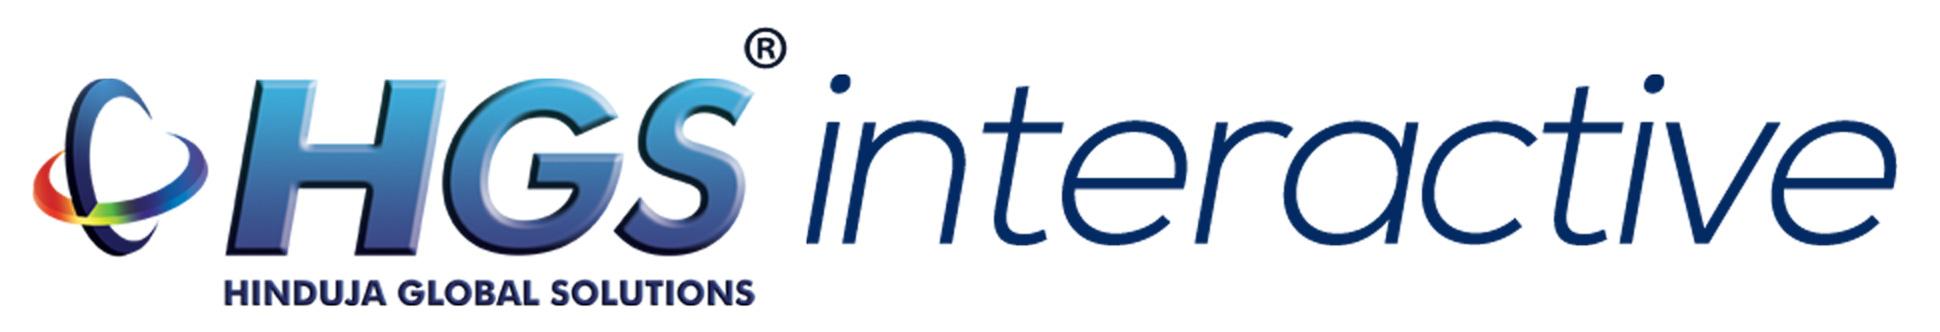 HGS interactive Logo